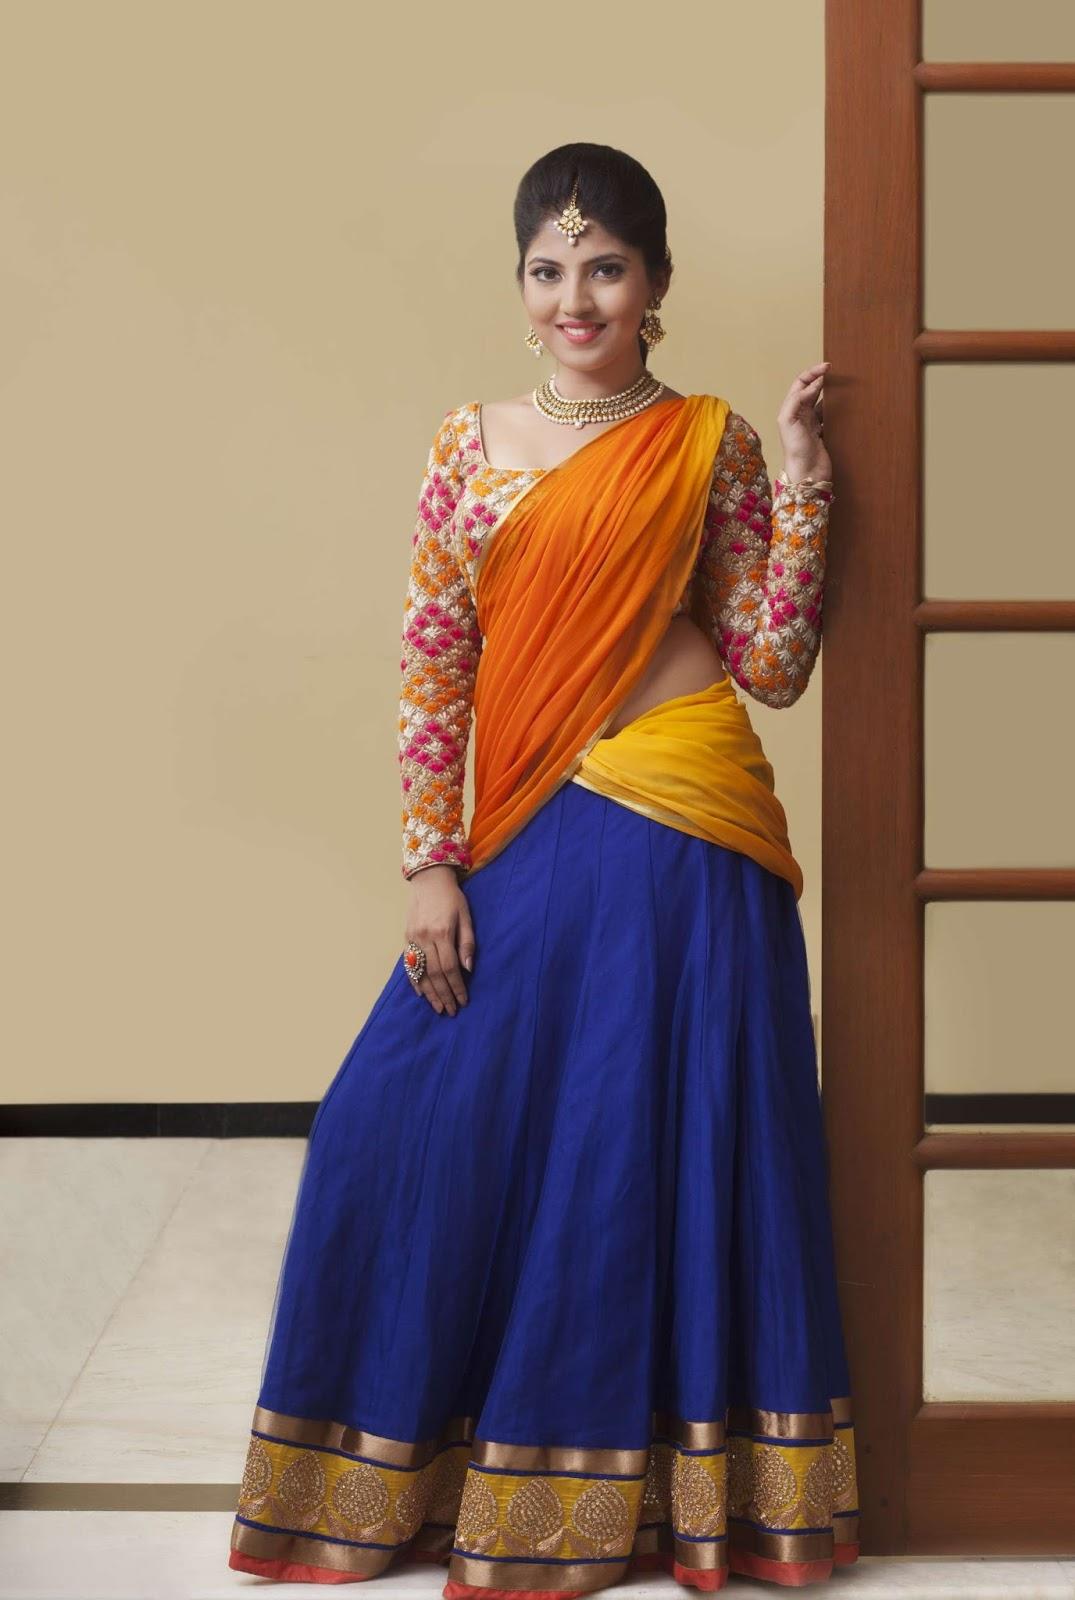 Anaswara kumar half saree photoshoot pics